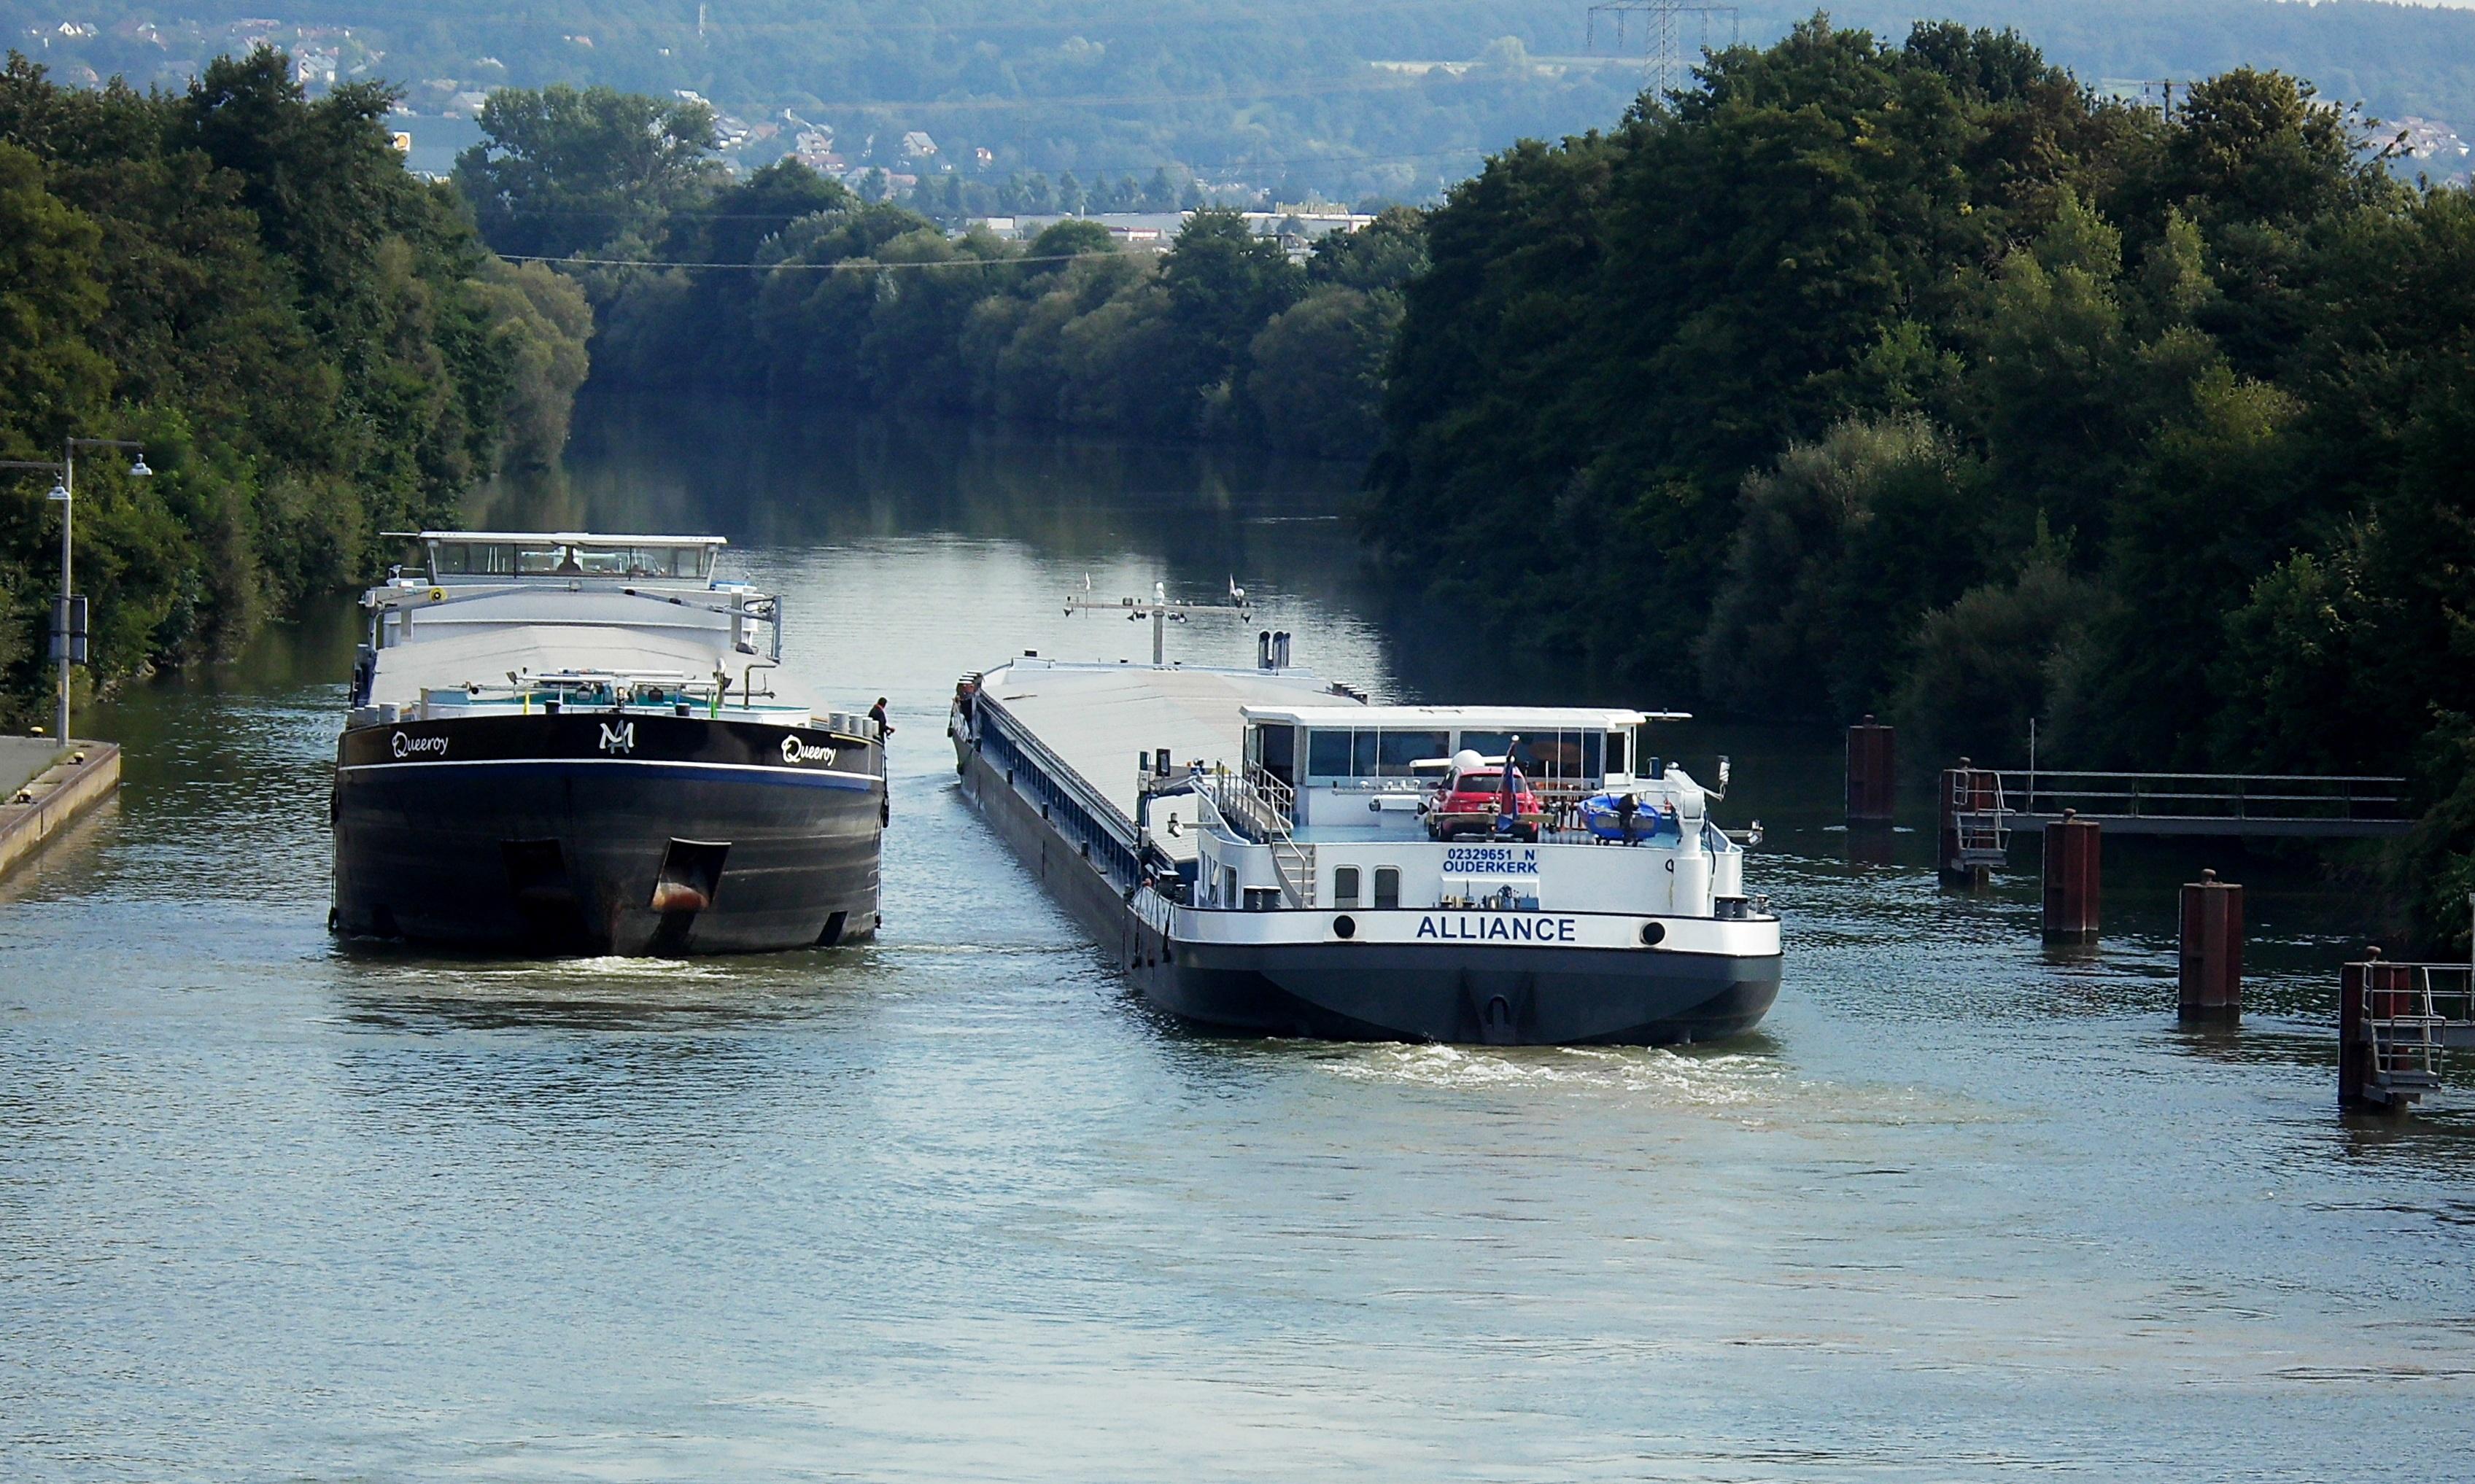 Der Main-Donau-Kanal bleibt nach dem Unfall eines Flusskreuzfahrtschiffes voraussichtlich mindestens zwei Wochen gesperrt.